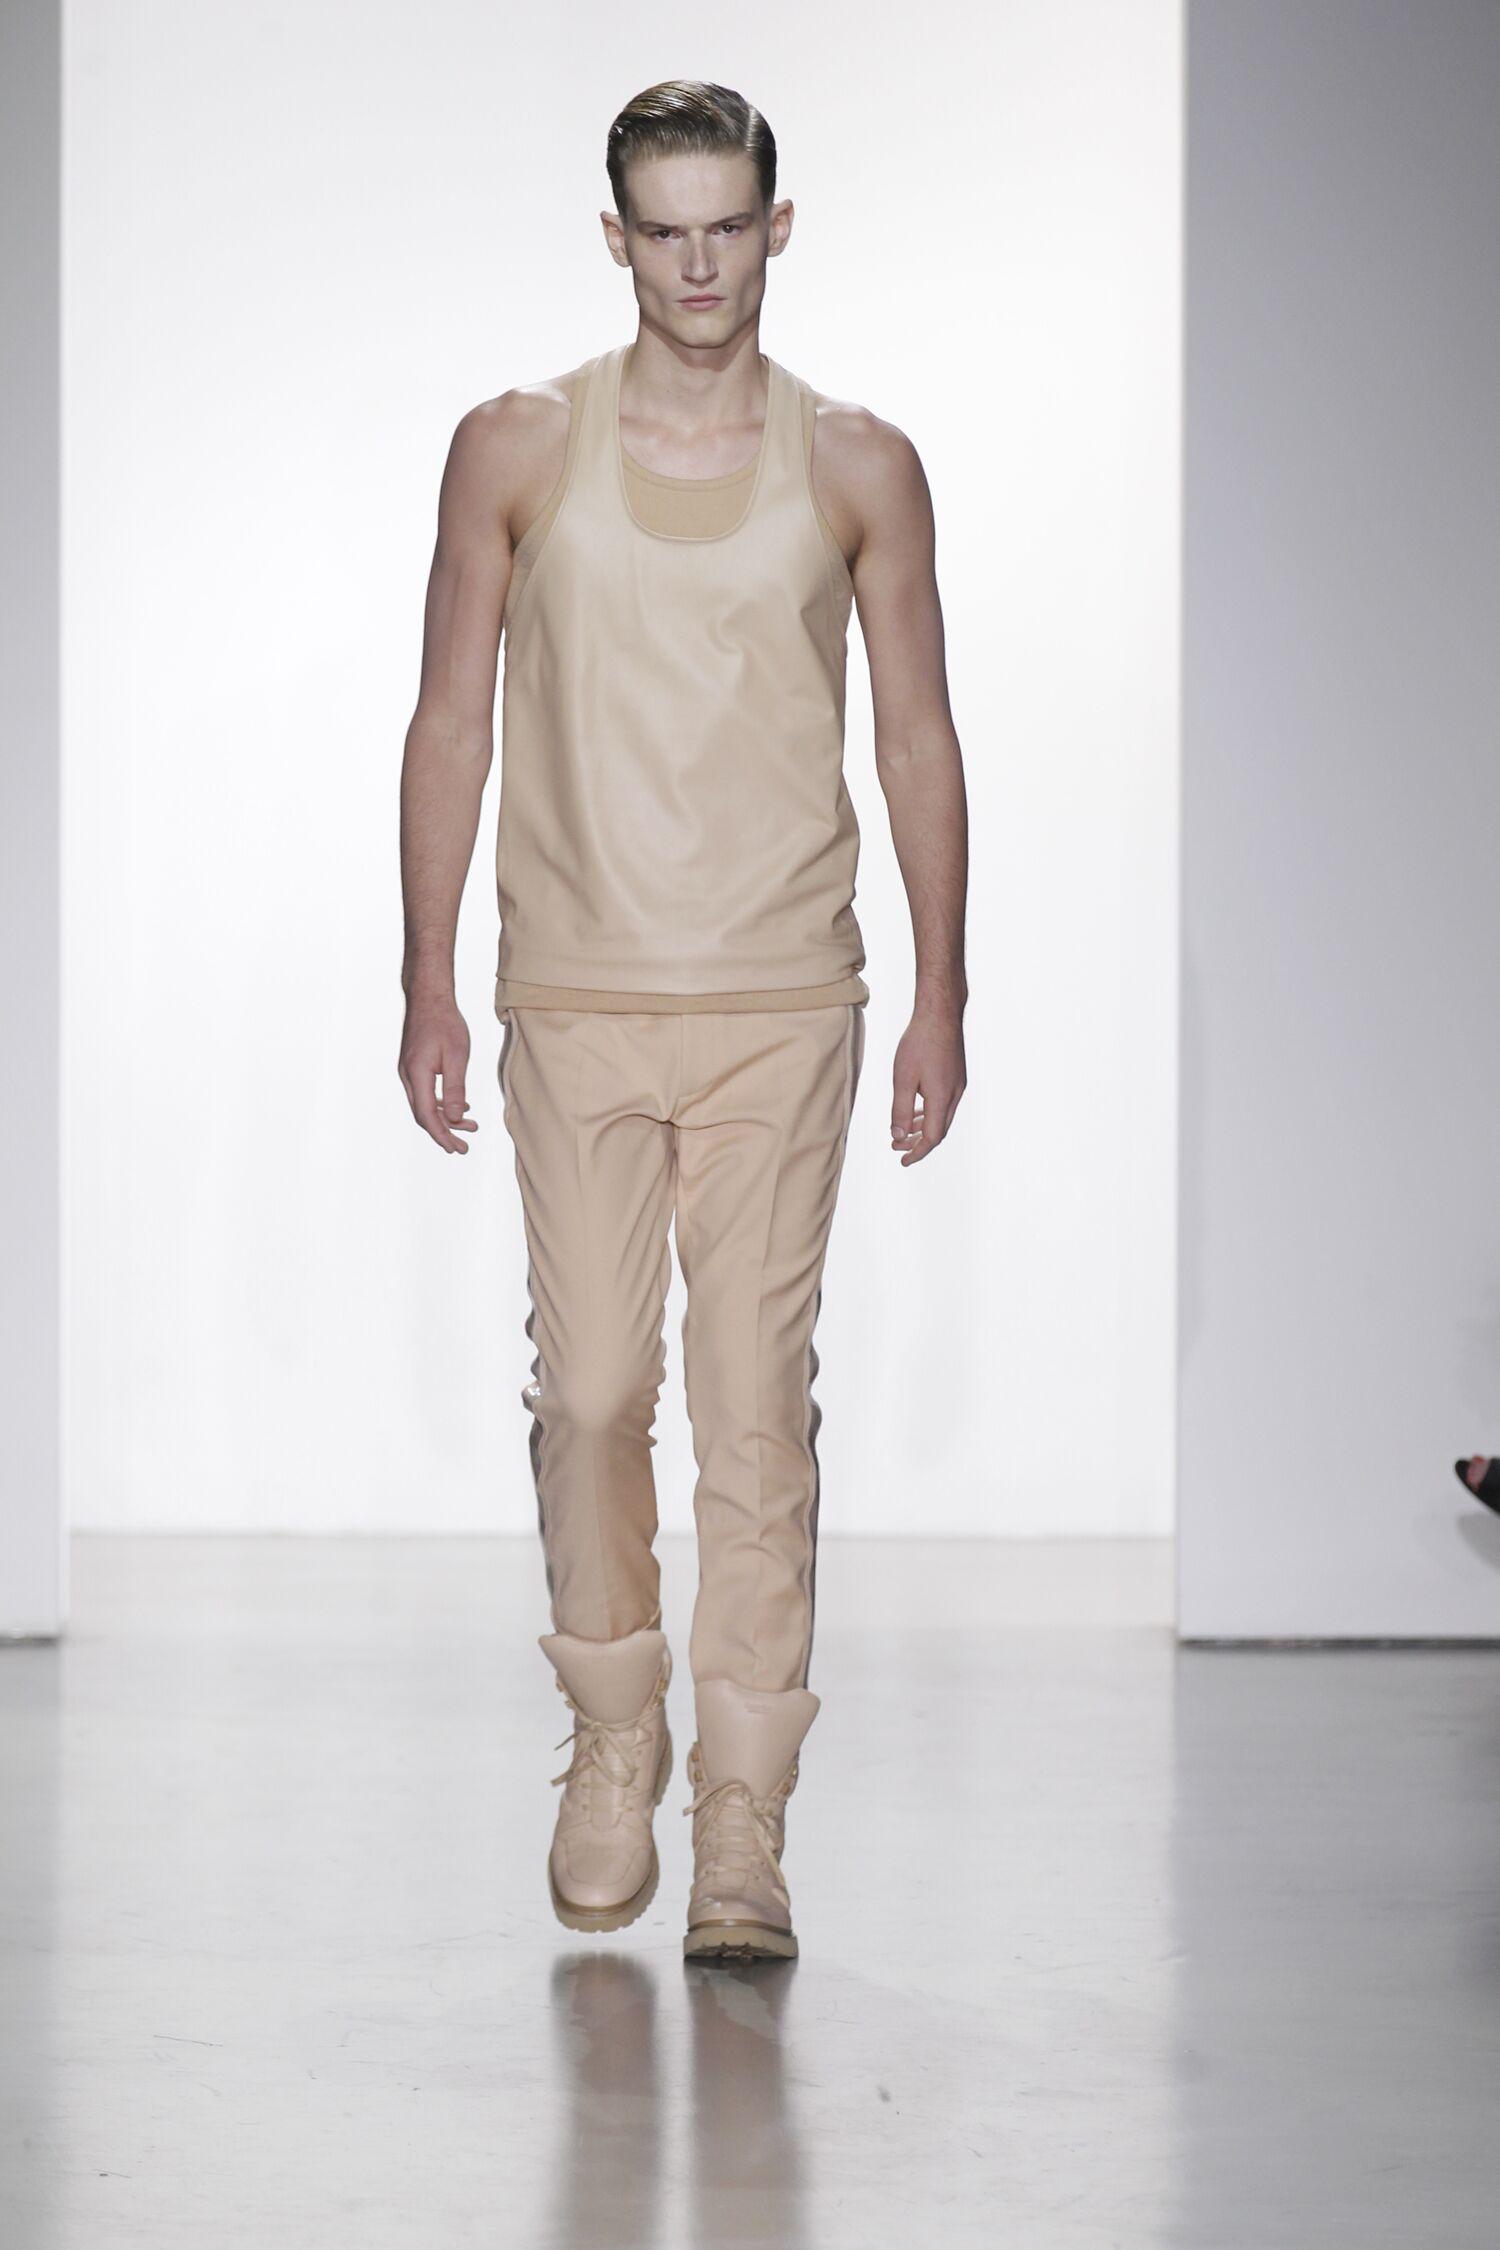 2015 Fashion Model Calvin Klein Collection